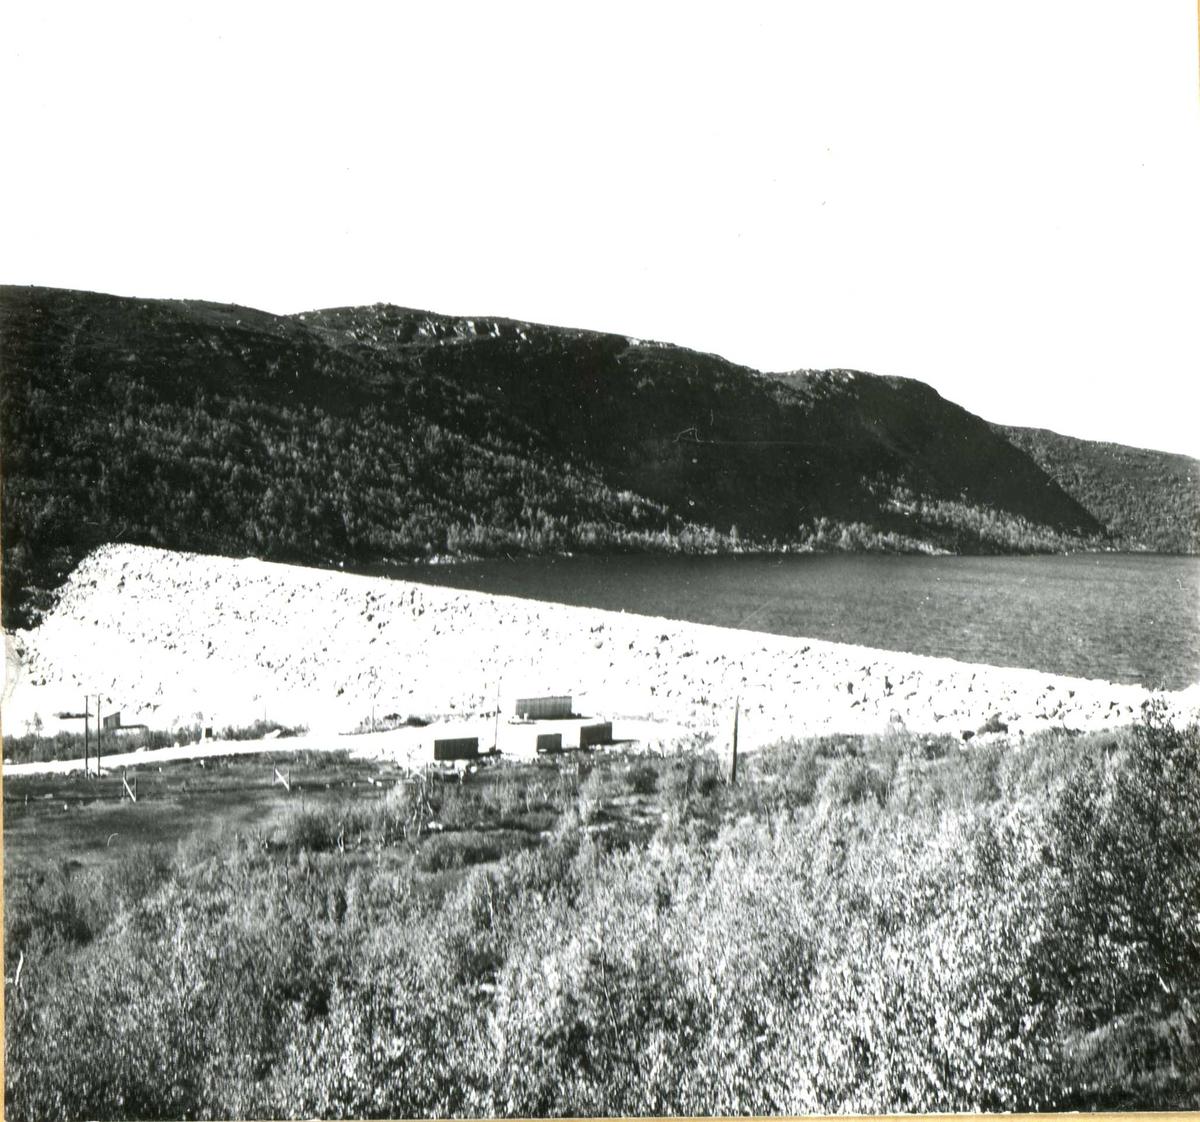 427-6 Ferdig dam Trolldal